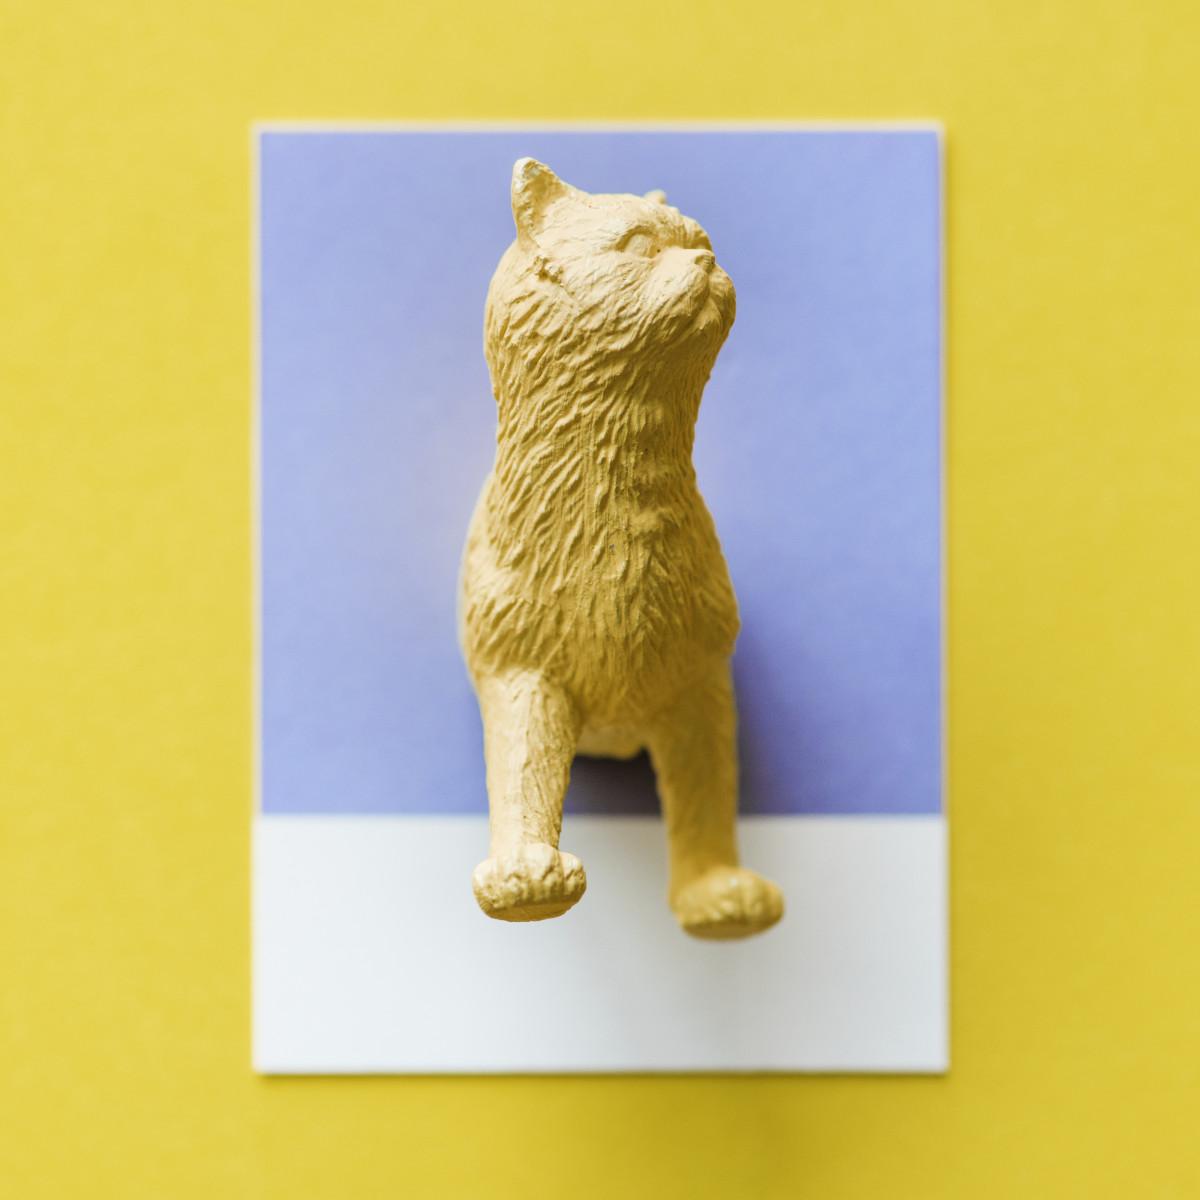 Banco De Imagens Abstrato Animal Arte Fundo Cartao Gato